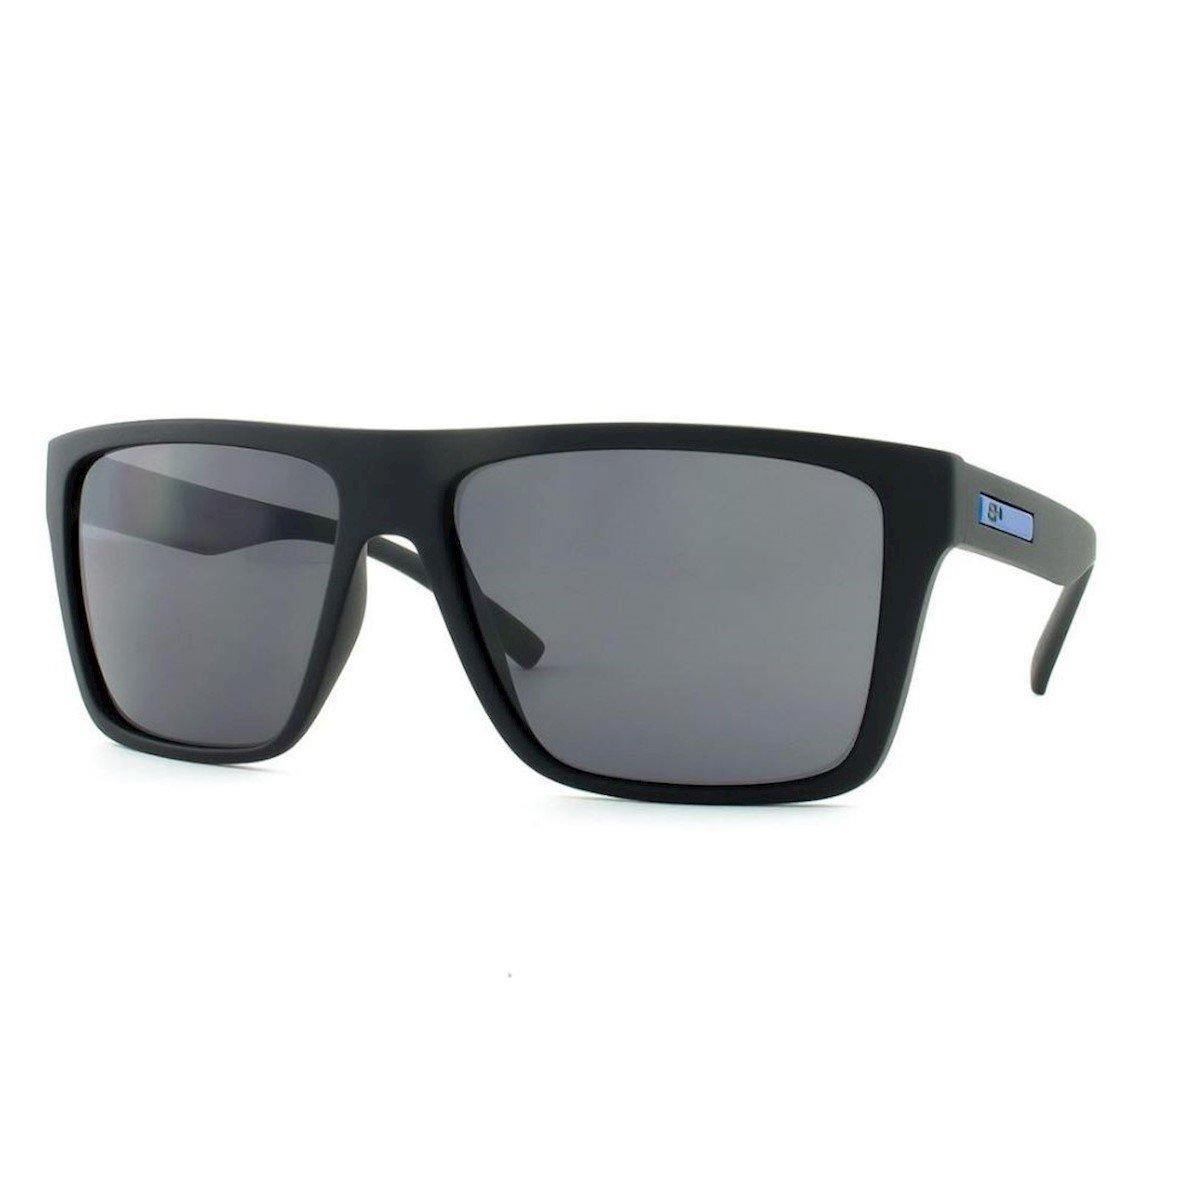 dac6a96e5 Óculos de sol HB Floyd Matte Black D.Blue | Netshoes